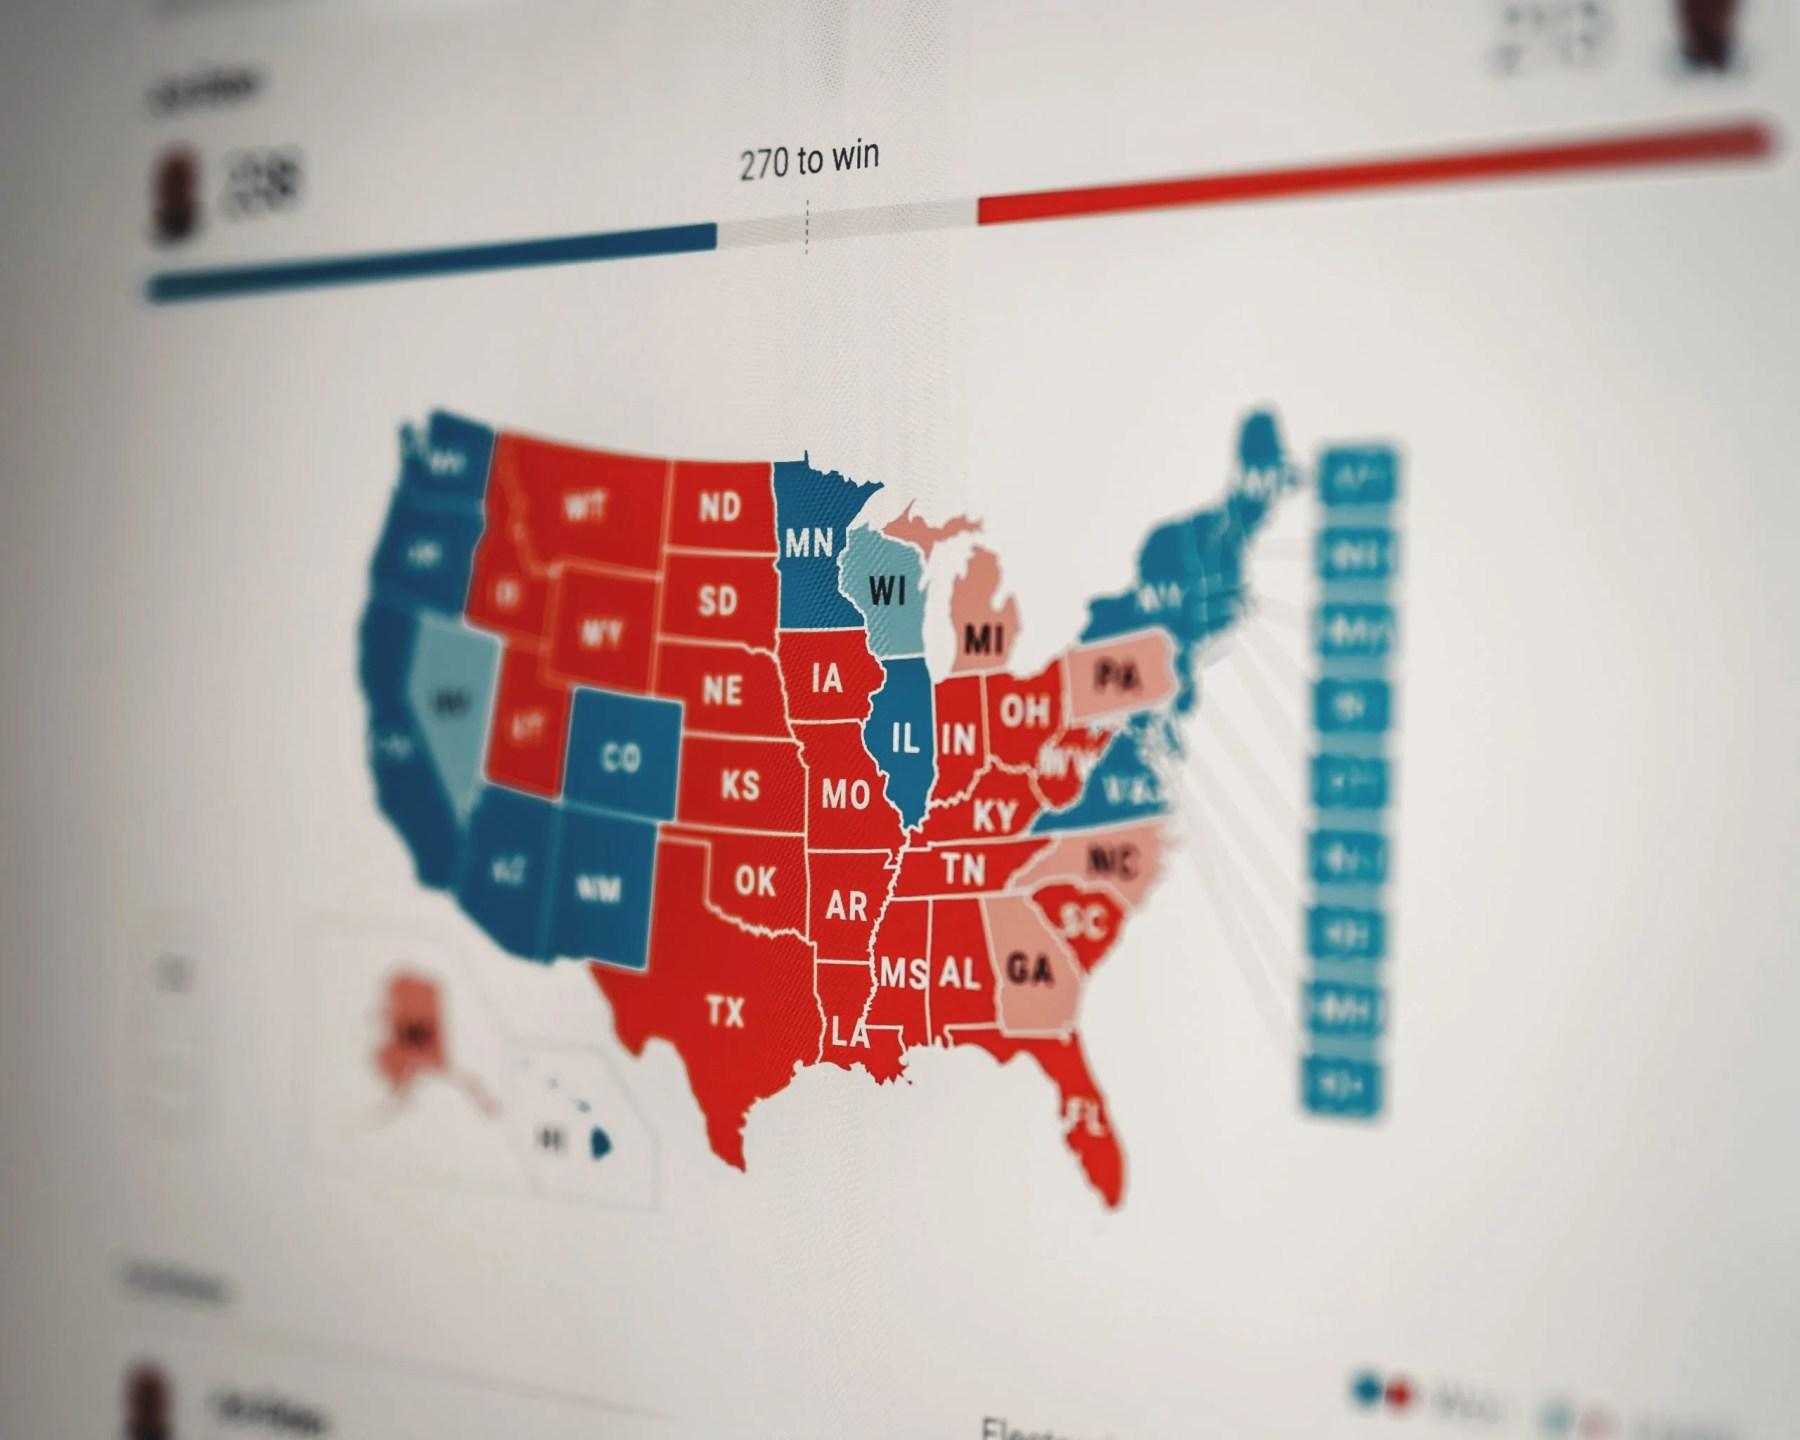 La publication de résultats électoraux par quartier : bientôt une réalité ?